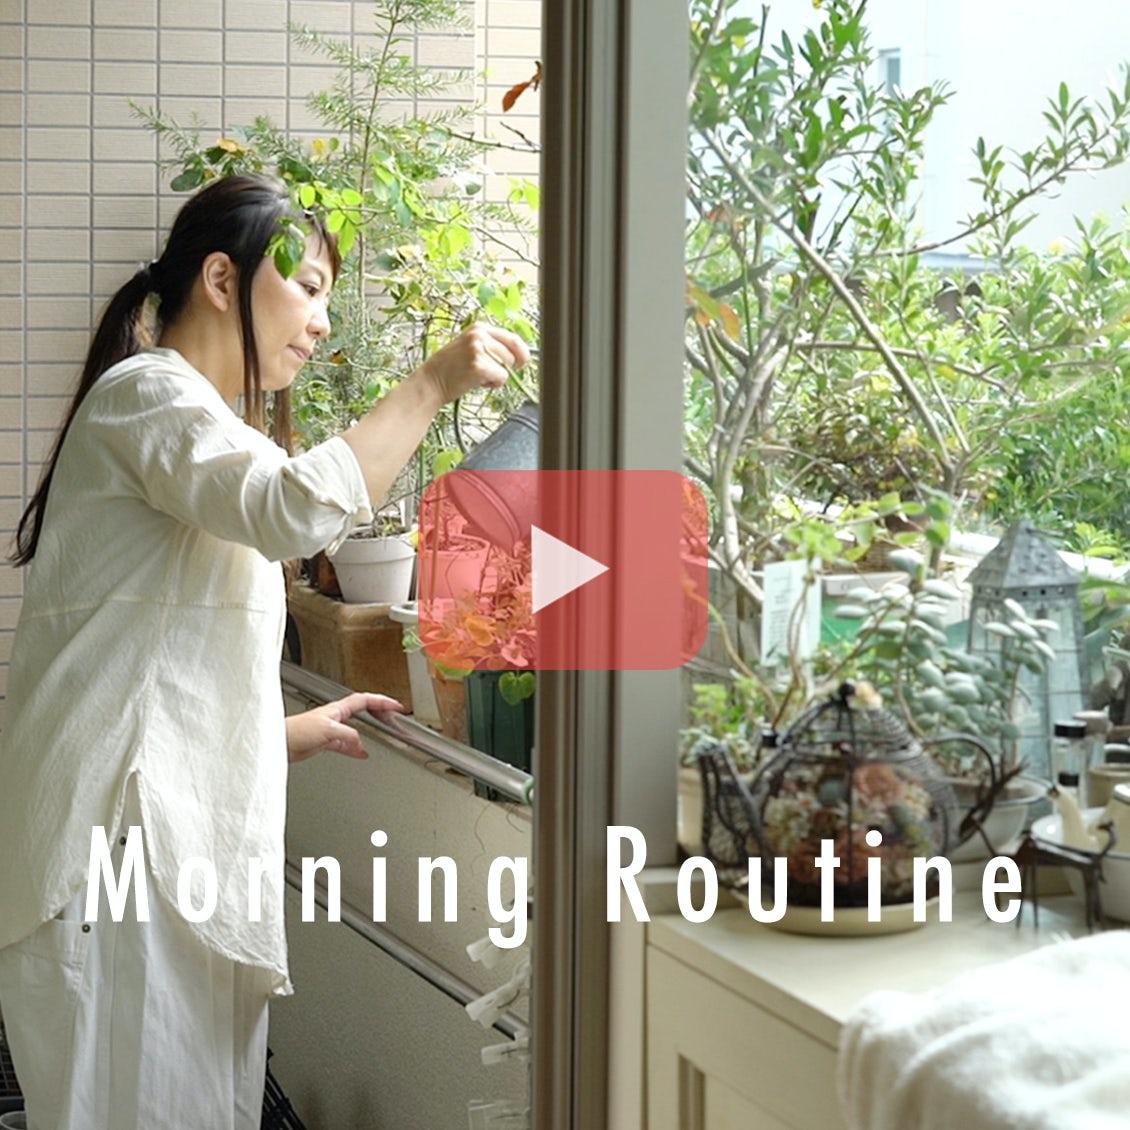 【わたしの朝習慣】体調に合わせて始める。自家製石鹸・ハーブを取り入れた朝時間